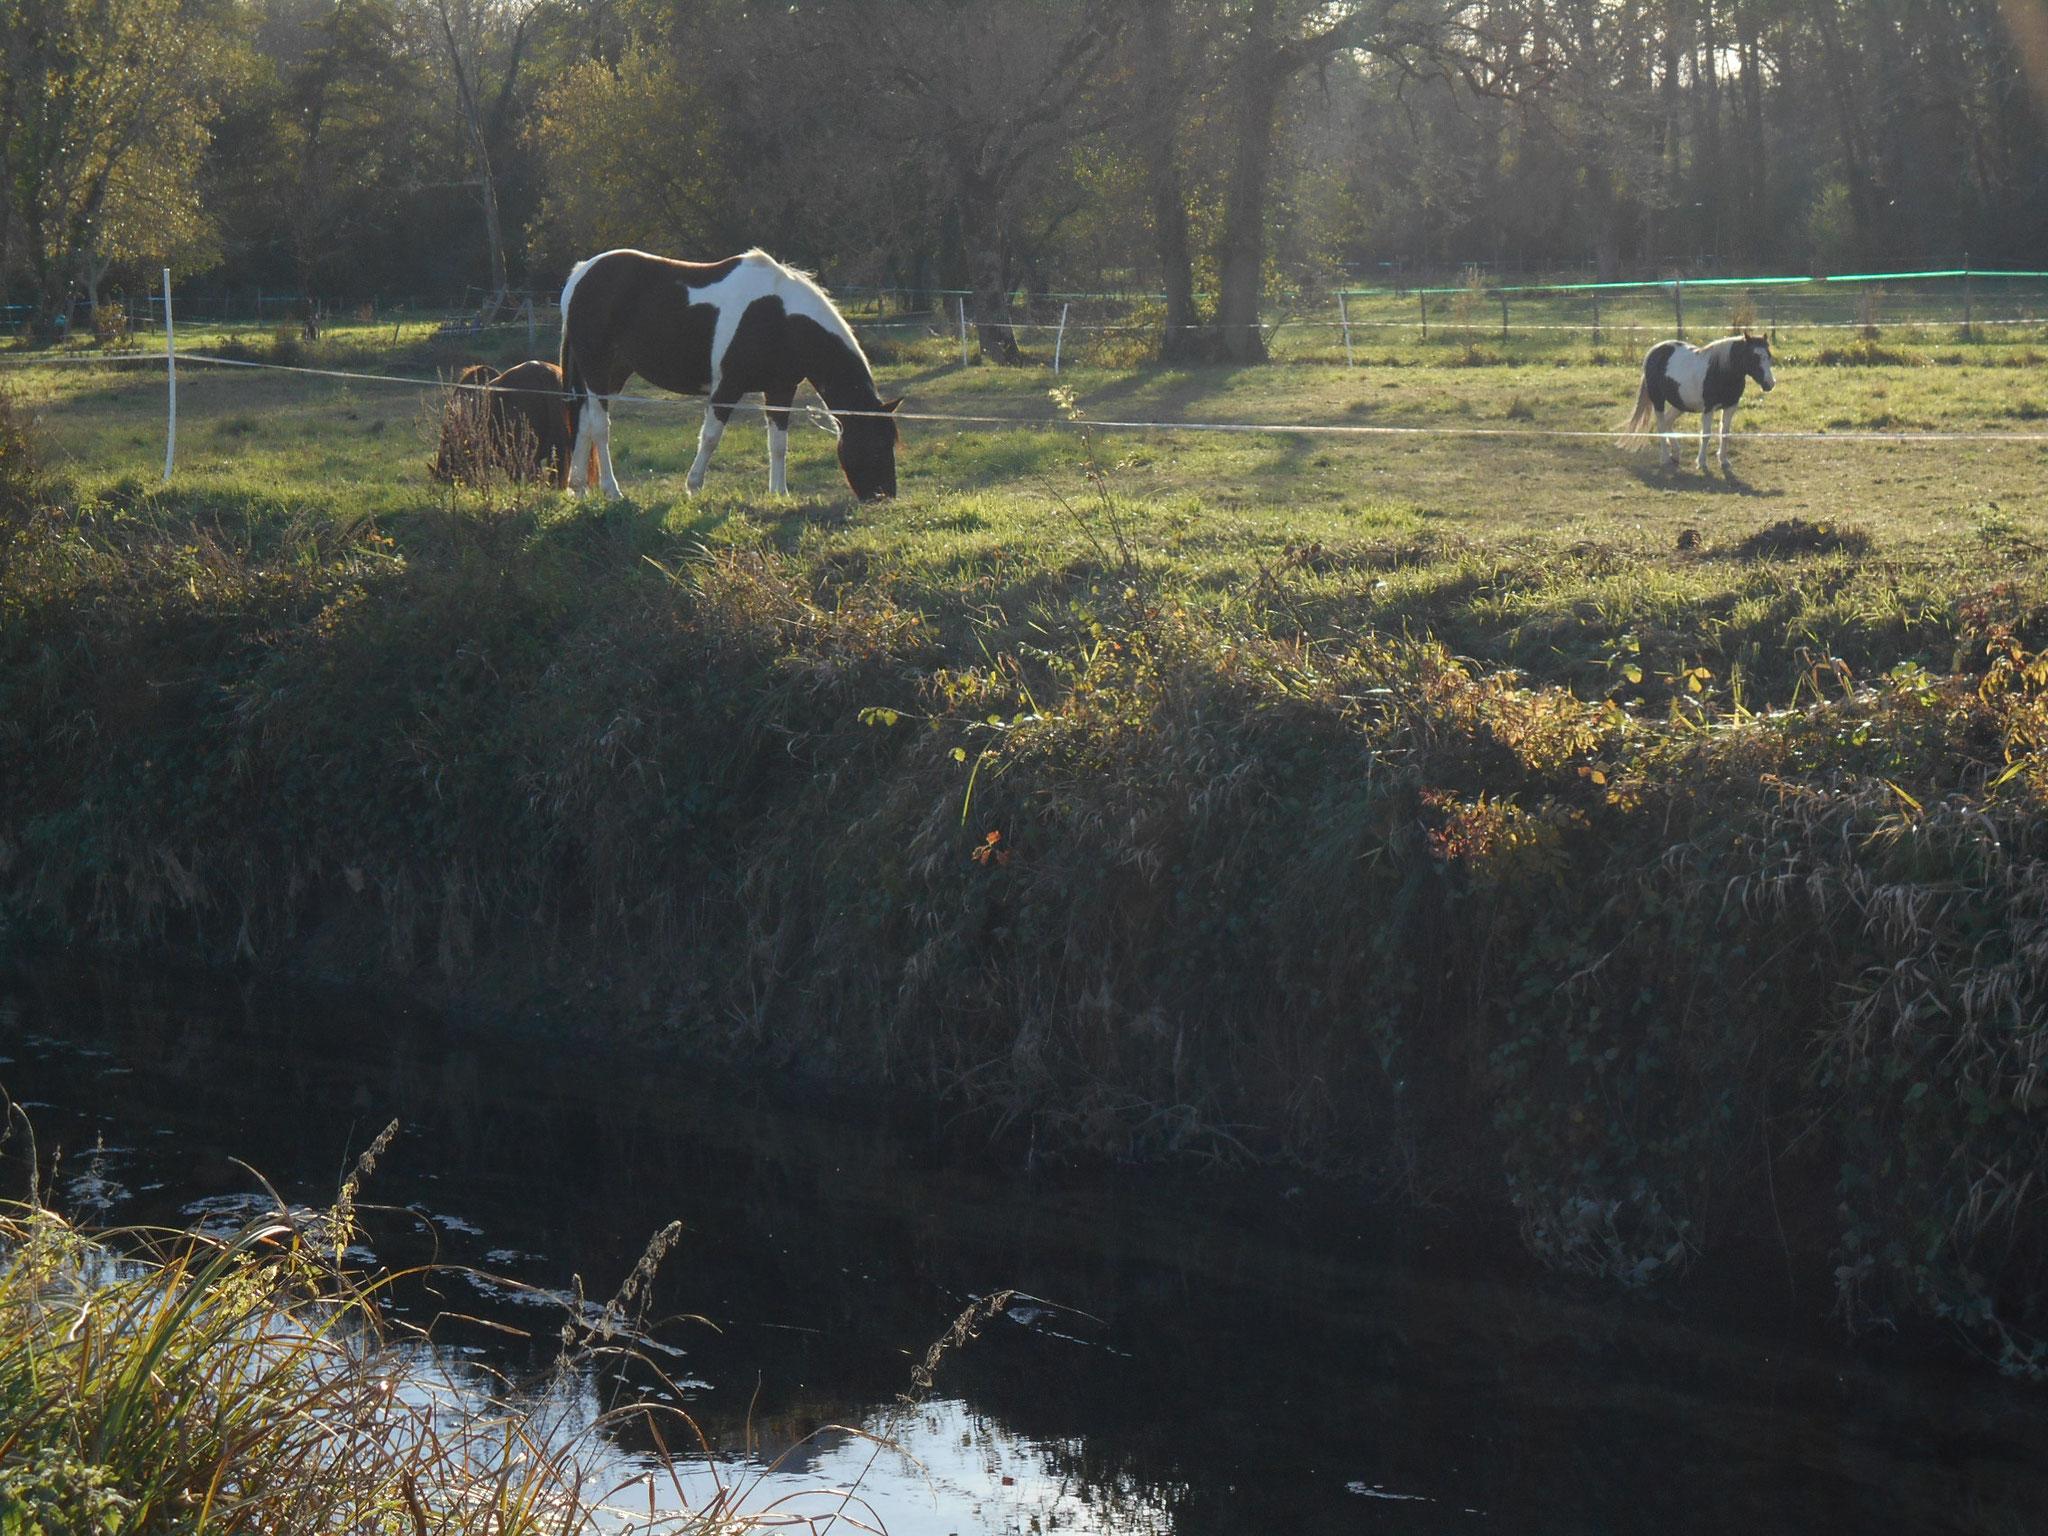 Les chevaux font partie du bocage humide d'isle-saint georges. Dessiner ces paysages à l'aide d'un transparent